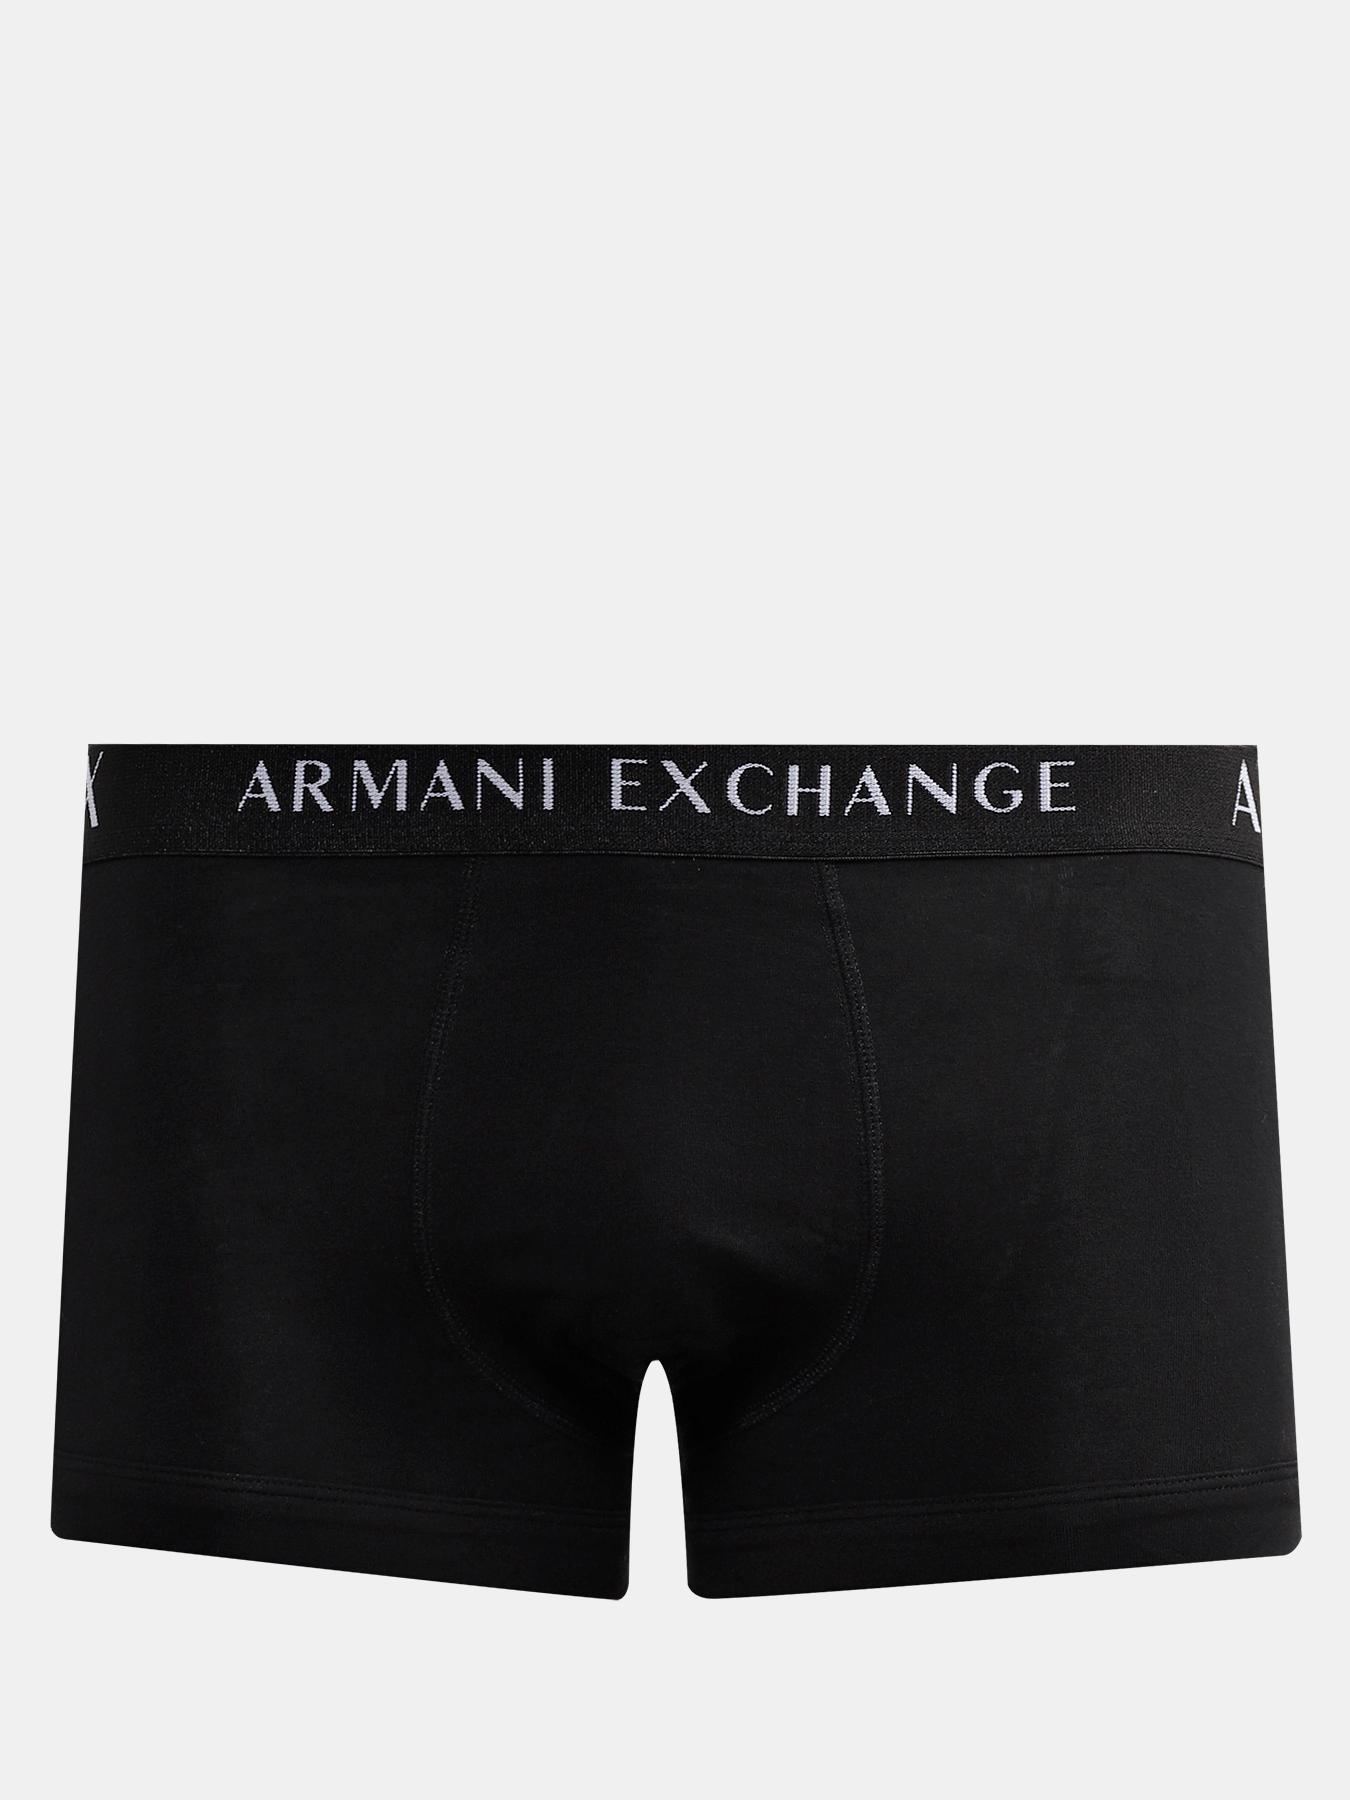 Трусы Armani Exchange Мужские боксеры (3 шт) купальник nabaiji плавки–боксеры мужские 500 stab allstel синие